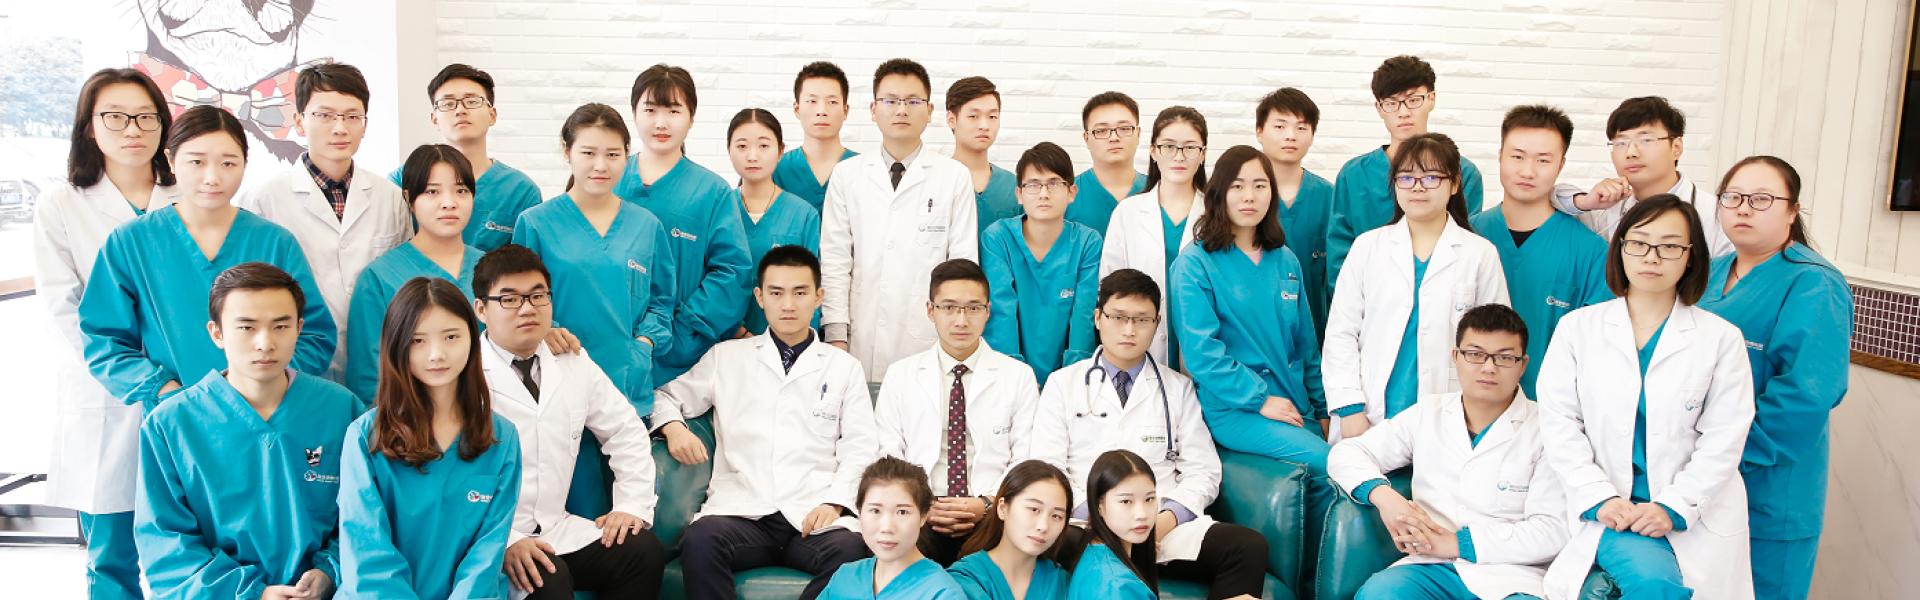 武汉联合动物医院医务人员合影